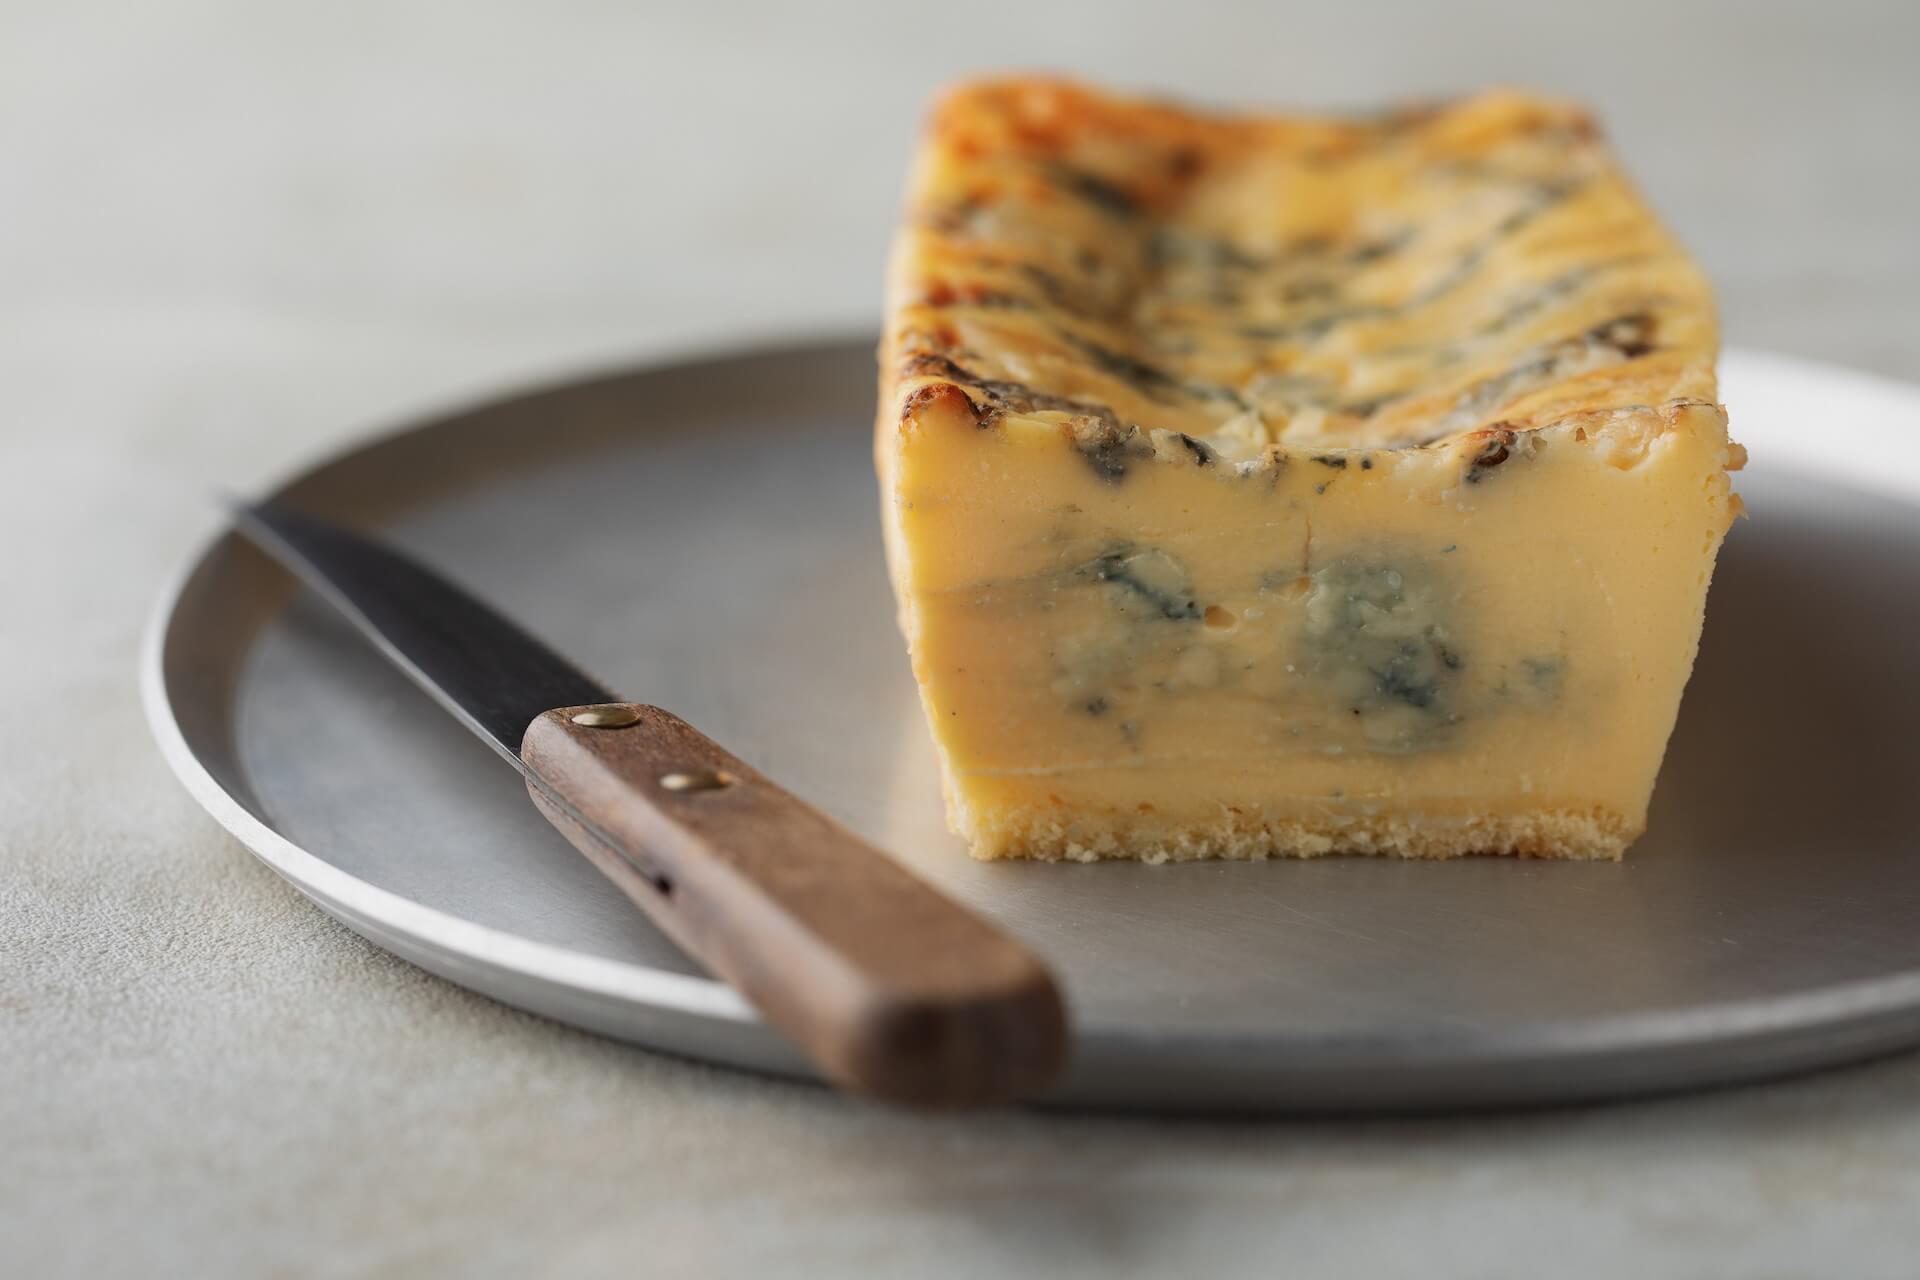 連日30分で完売の生ブルーチーズケーキ青が期間限定でルミネエスト新宿にオープン!芳香な香りのとろける生食感 gourmet200804_bluecheesecake_01